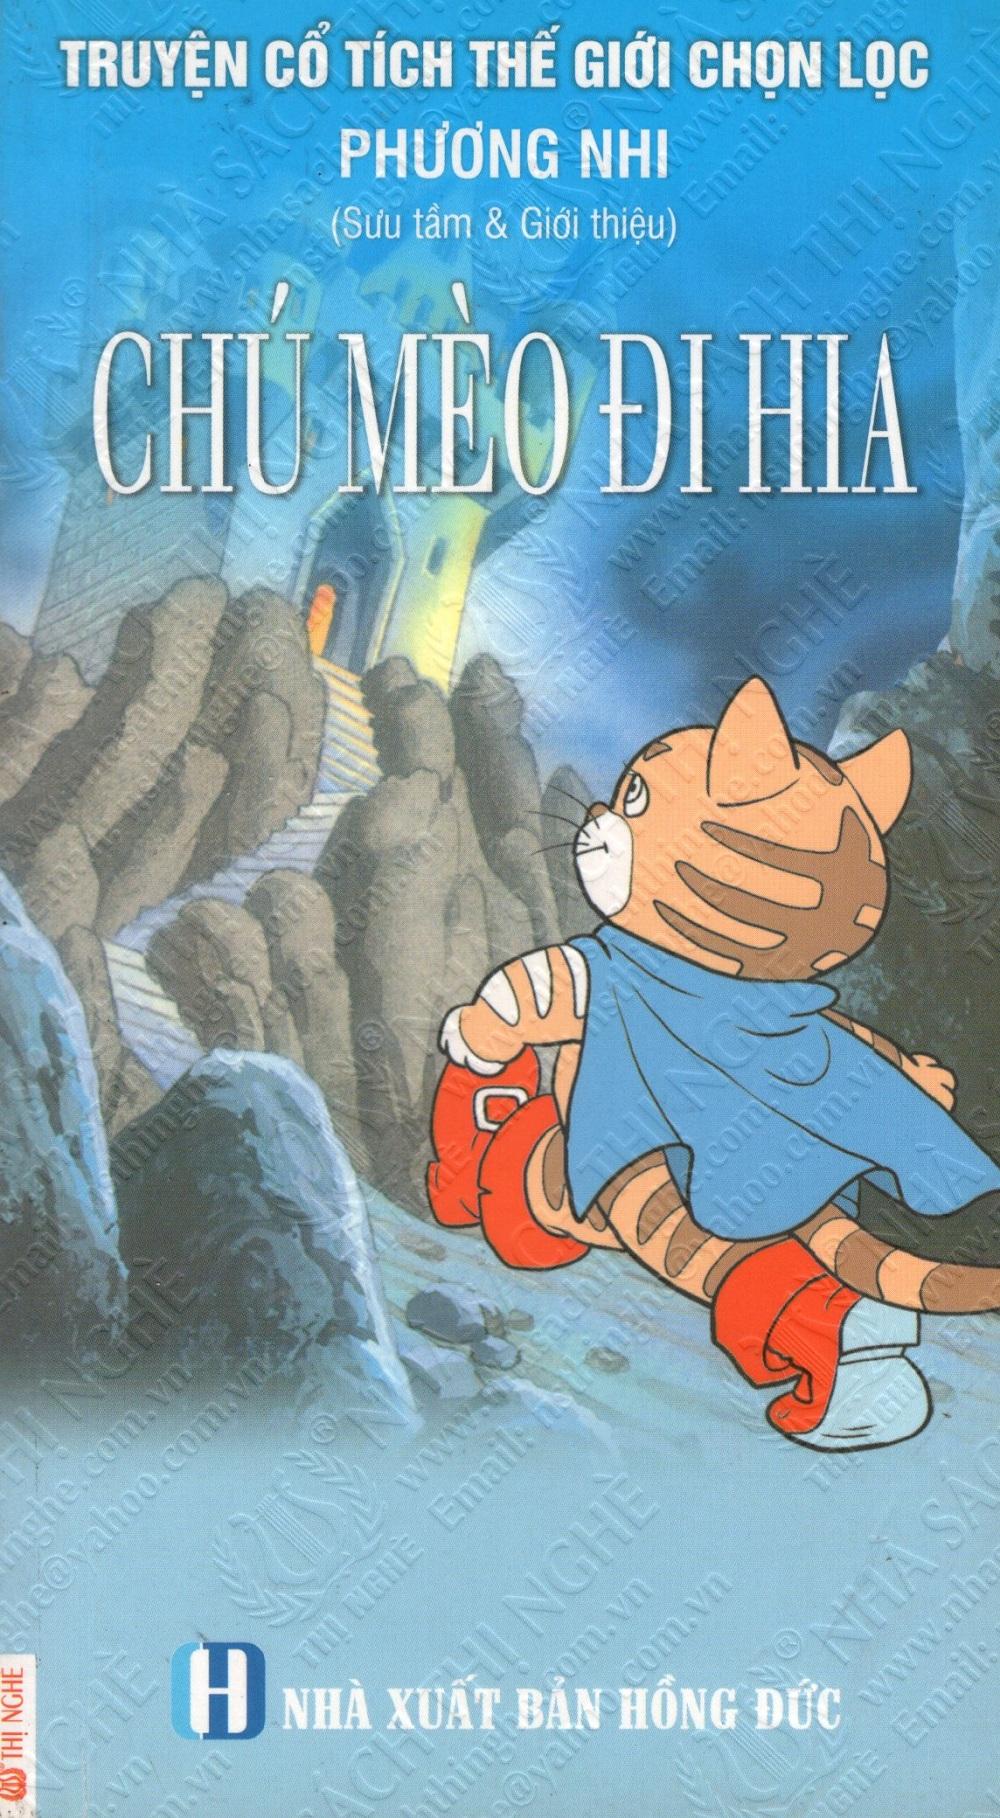 Bìa sách Truyện Cổ Tích Thế Giới Chọn Lọc: Chú Mèo Đi Hia